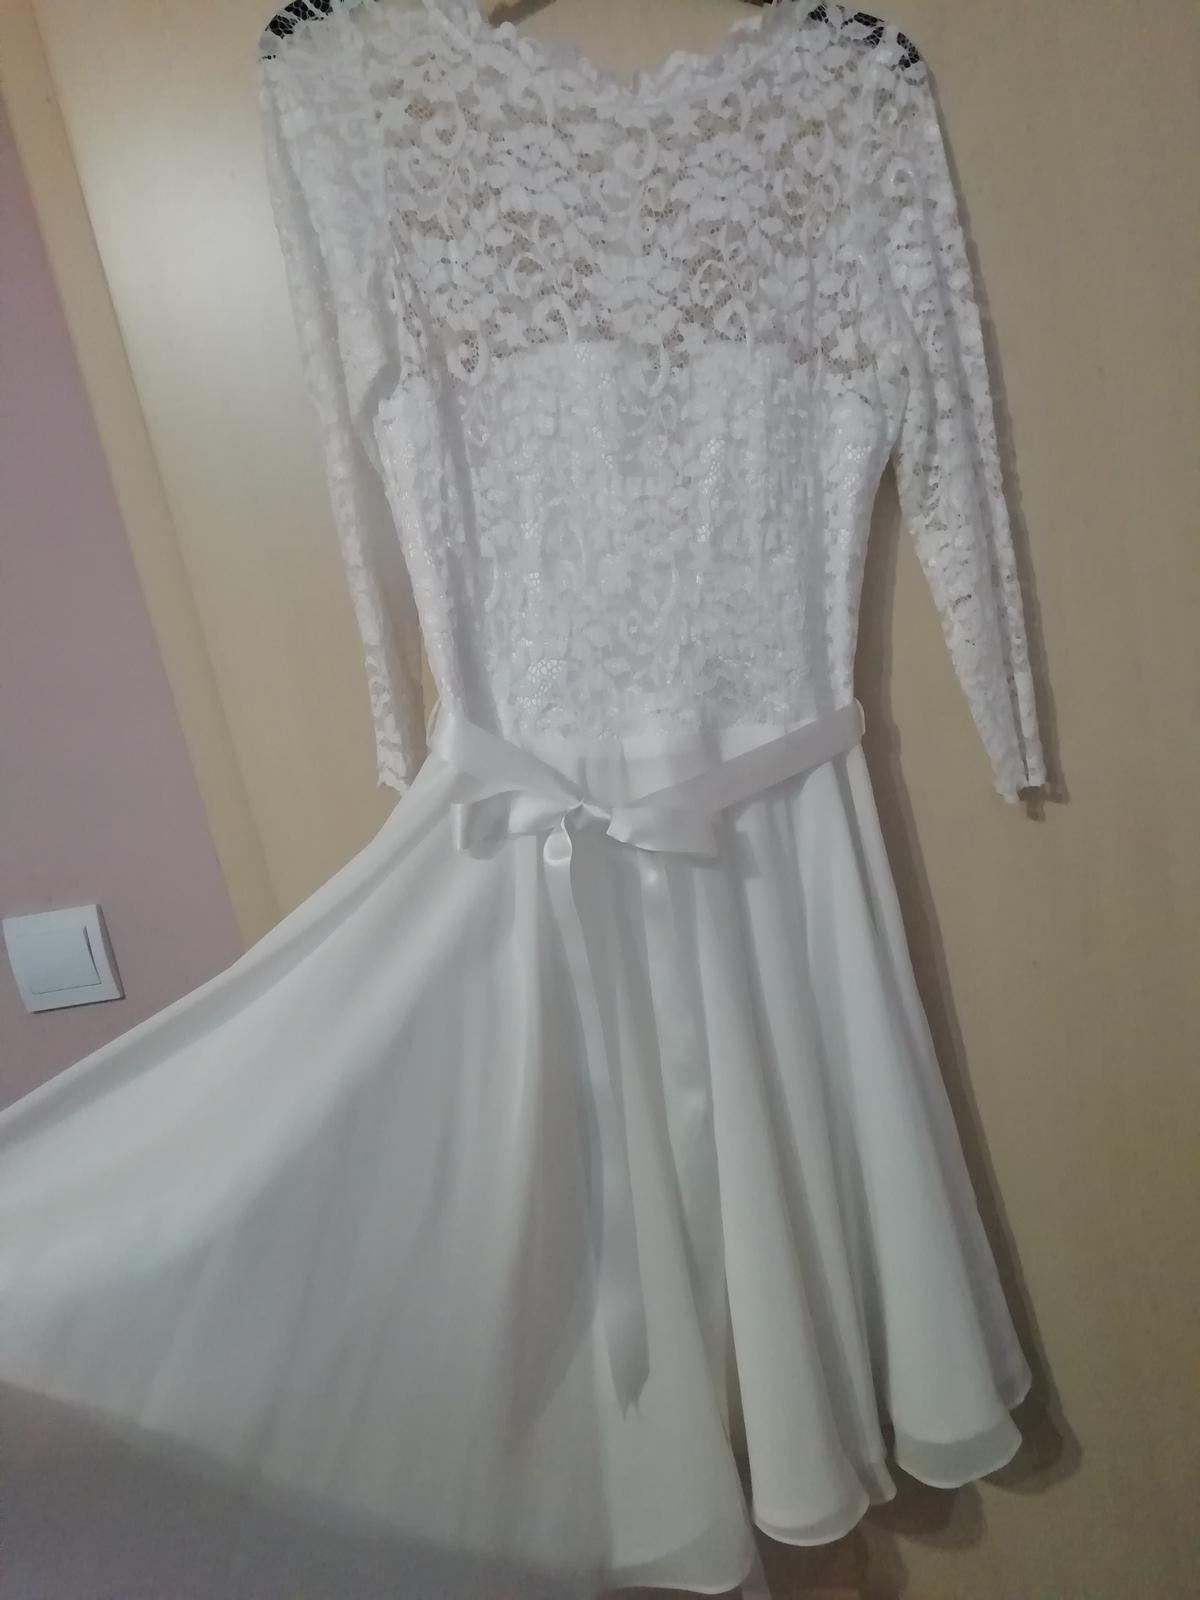 kratke svadobne šaty SWING - Obrázok č. 1